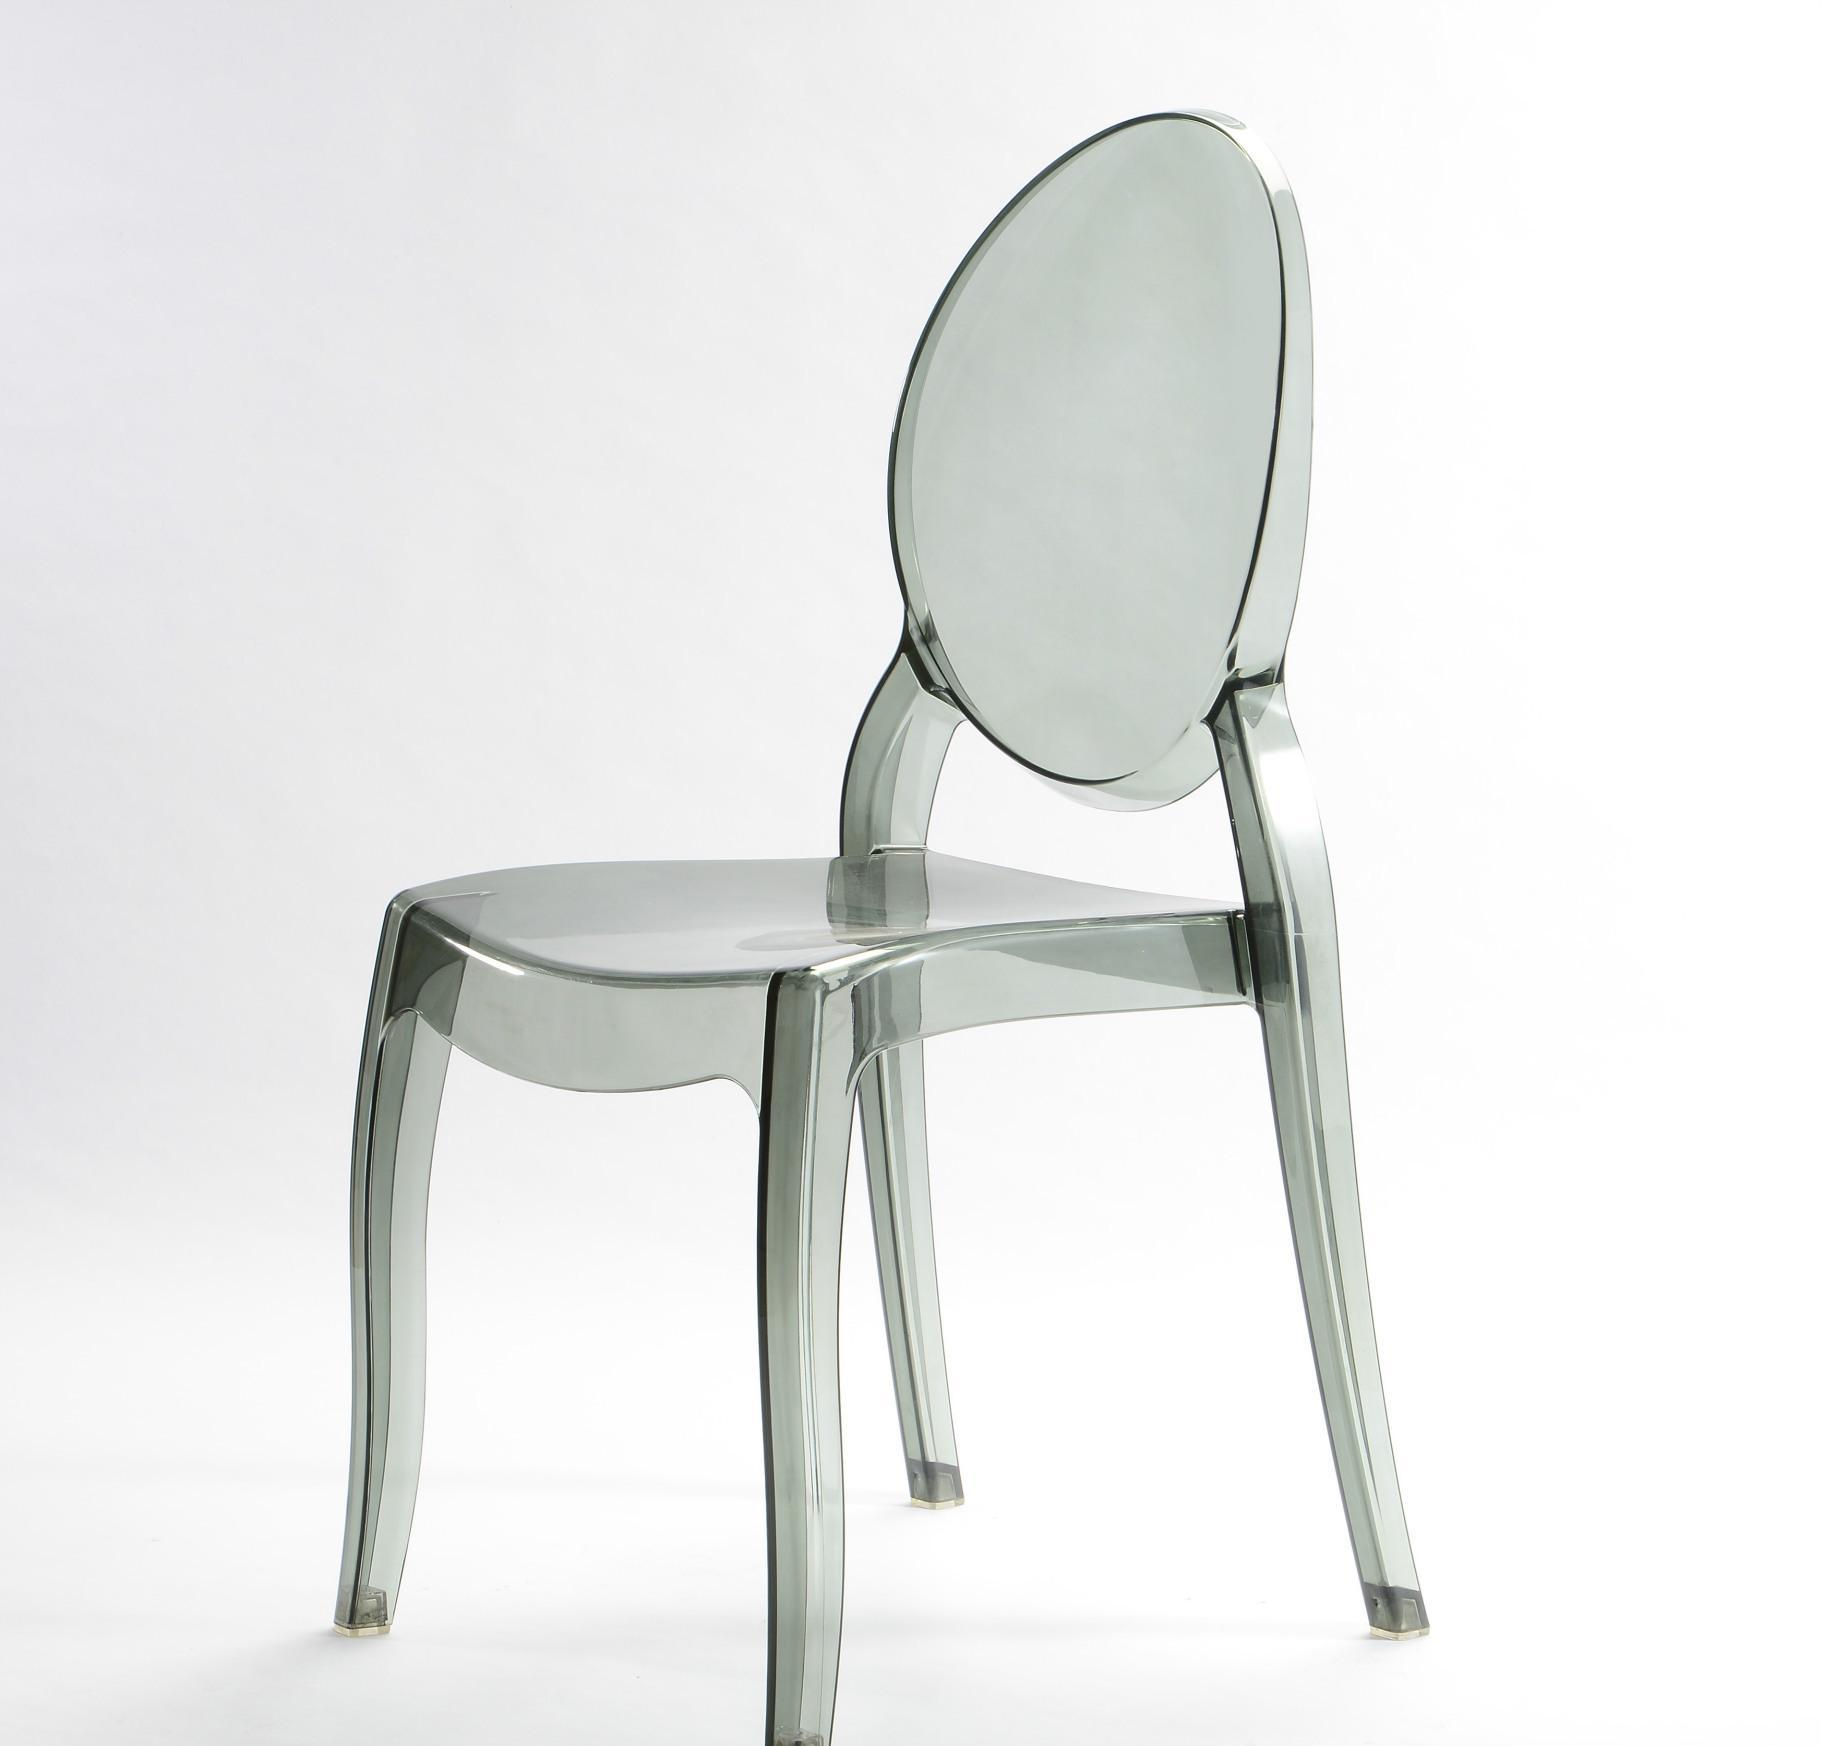 酒店餐椅魔鬼椅 幽灵椅 欧式创意时尚餐椅 简约休闲酒店椅子